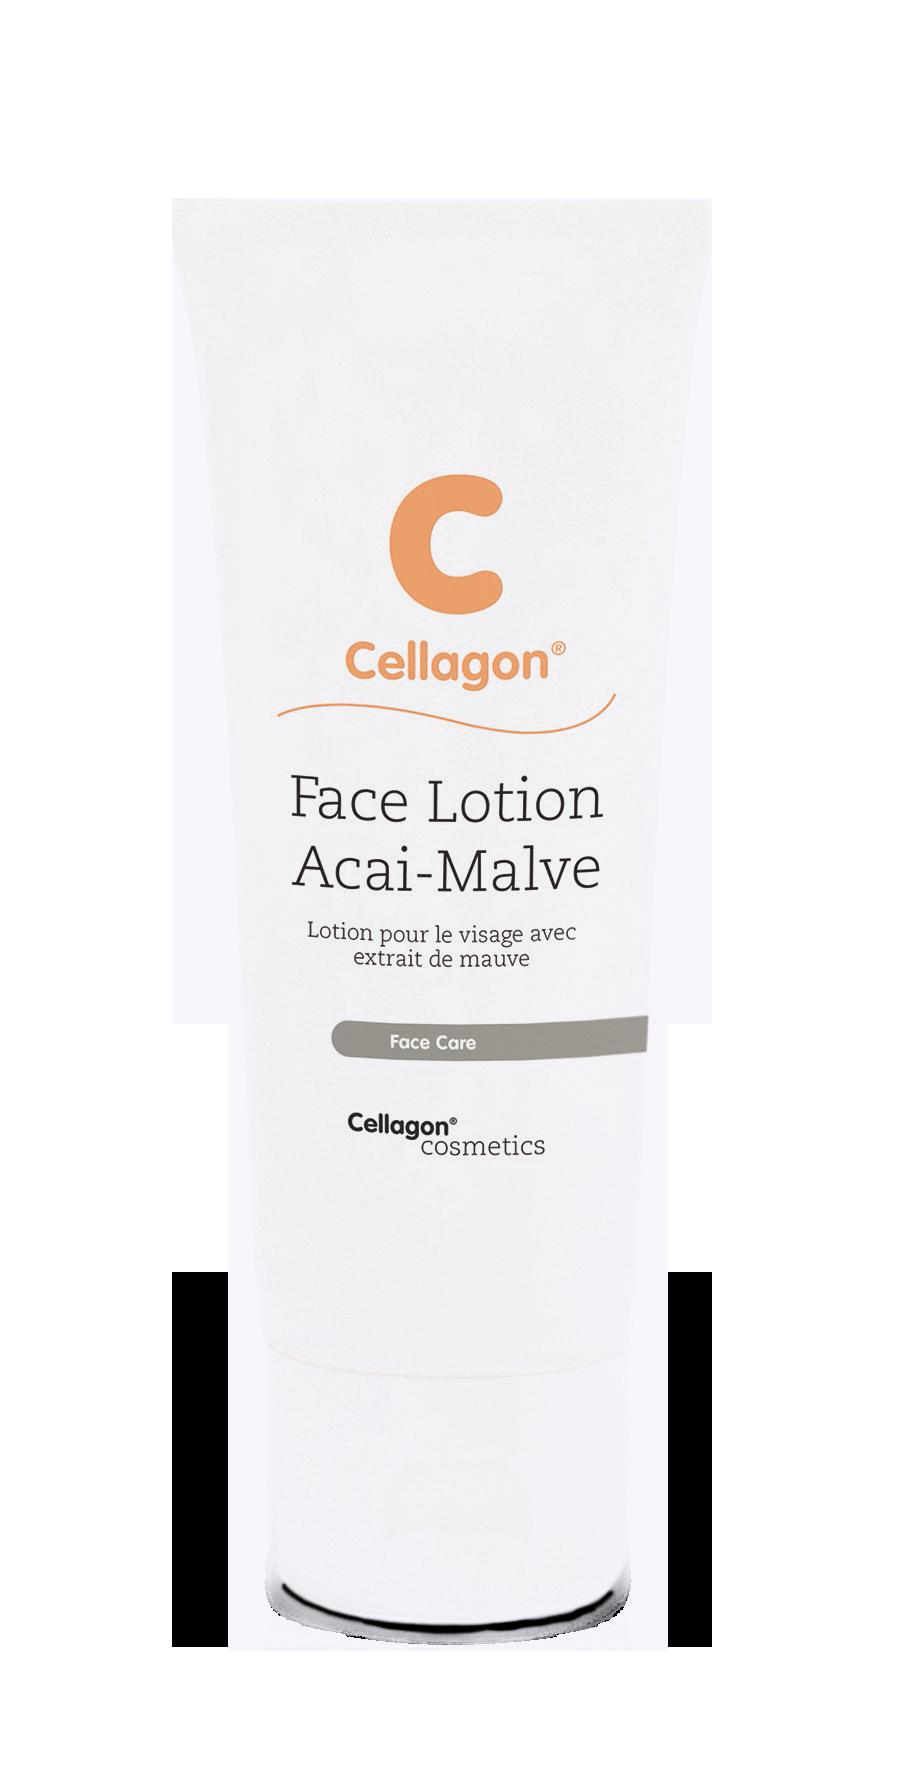 Cellagon Face Lotion Acai-Malve